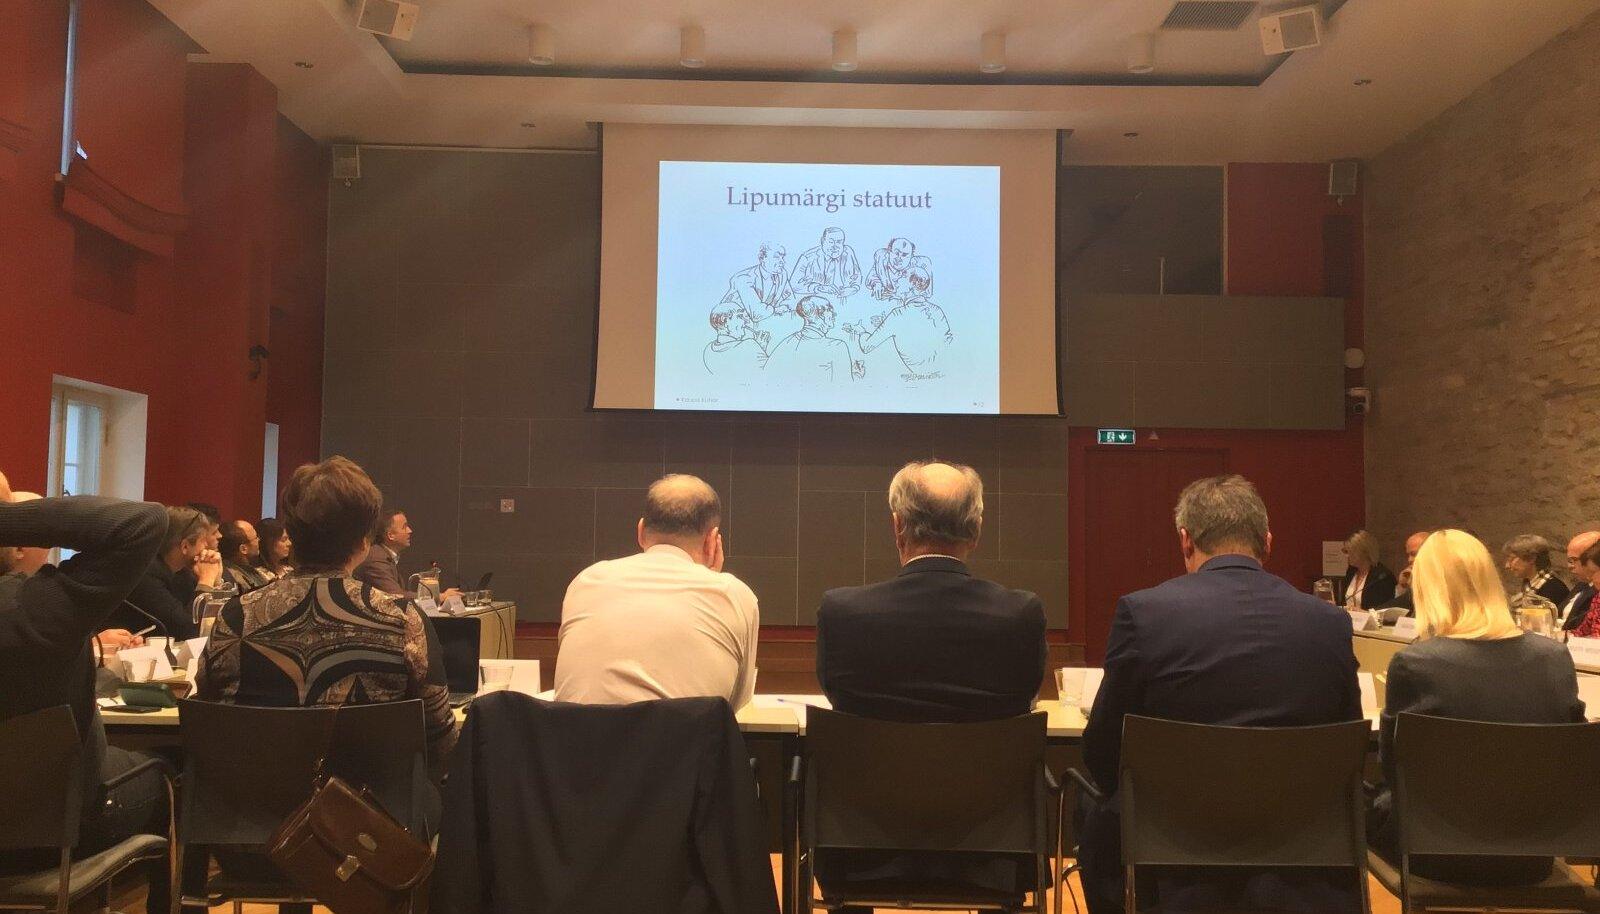 Maaelukomisjoni ees sõna võtnud veisekasvataja Kaupo Kutsari arvates teenib lipumärk kitsa ringkonna huvisid.